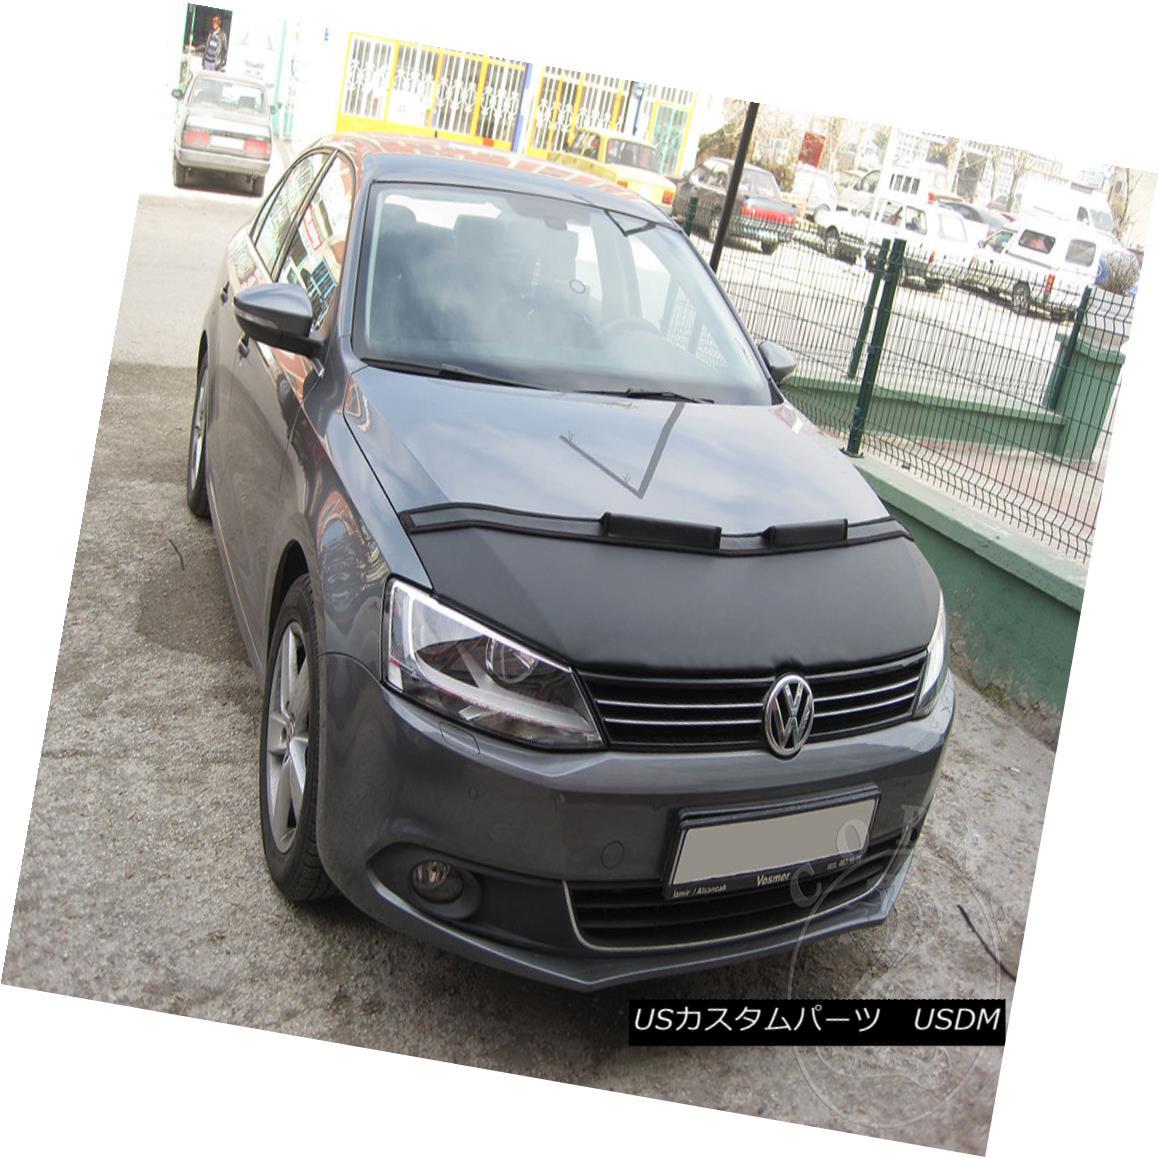 フルブラ ノーズブラ Car Bonnet Hood Bra Fits VW Volkswagen Jetta MK6 2011 12 13 14 15 16 17 2018 車ボンネットフードブラはVWに合うフォルクスワーゲンジェッタMK6 2011 12 13 14 15 16 17 2018